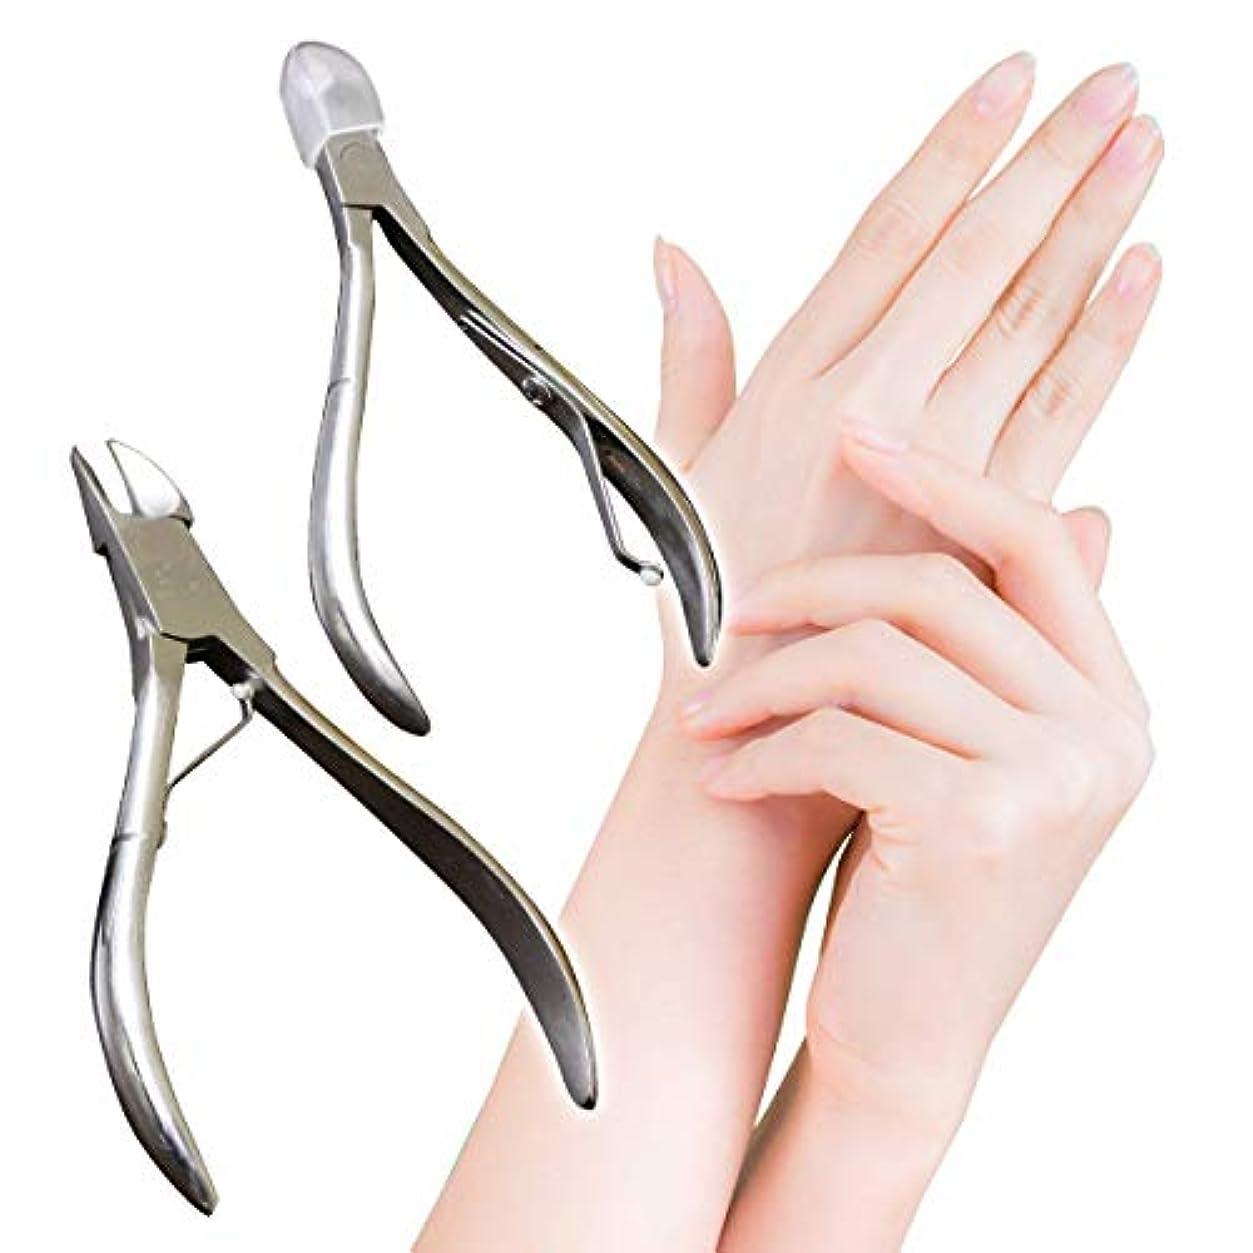 フィドル法令レジ「爪切り 大小2本セット」ネイルニッパー ステンレス製 割れ爪 巻き爪 陥入爪 2枚爪 厚い爪 足用 ささくれ 左右両用 ネイルケア 大小(S8L12)